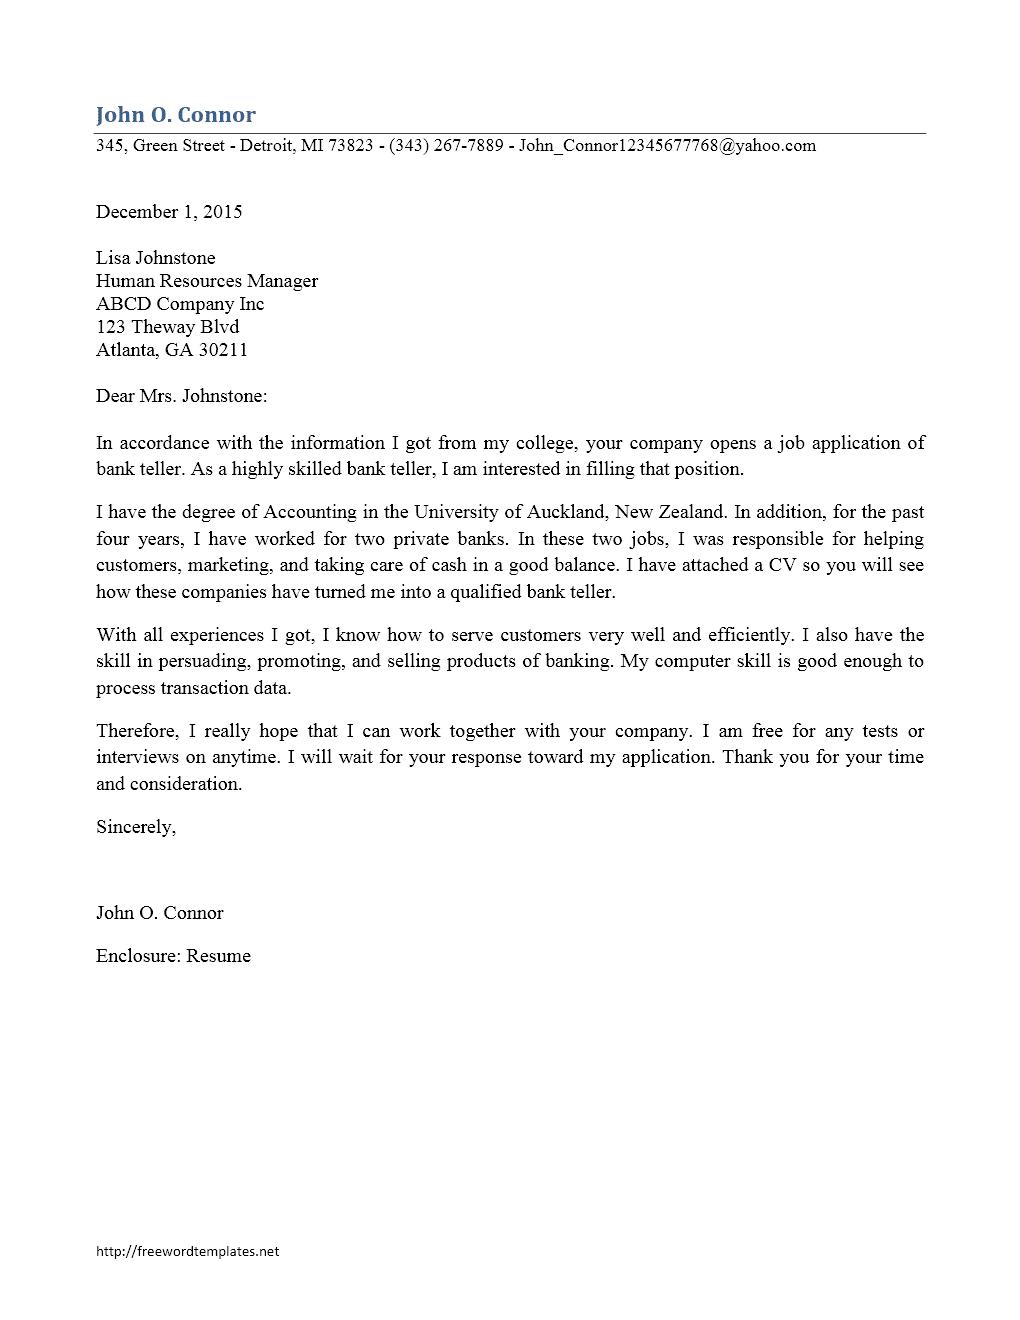 Contoh Surat Lamaran Kerja Staff Marketing Dalam Bahasa Inggris